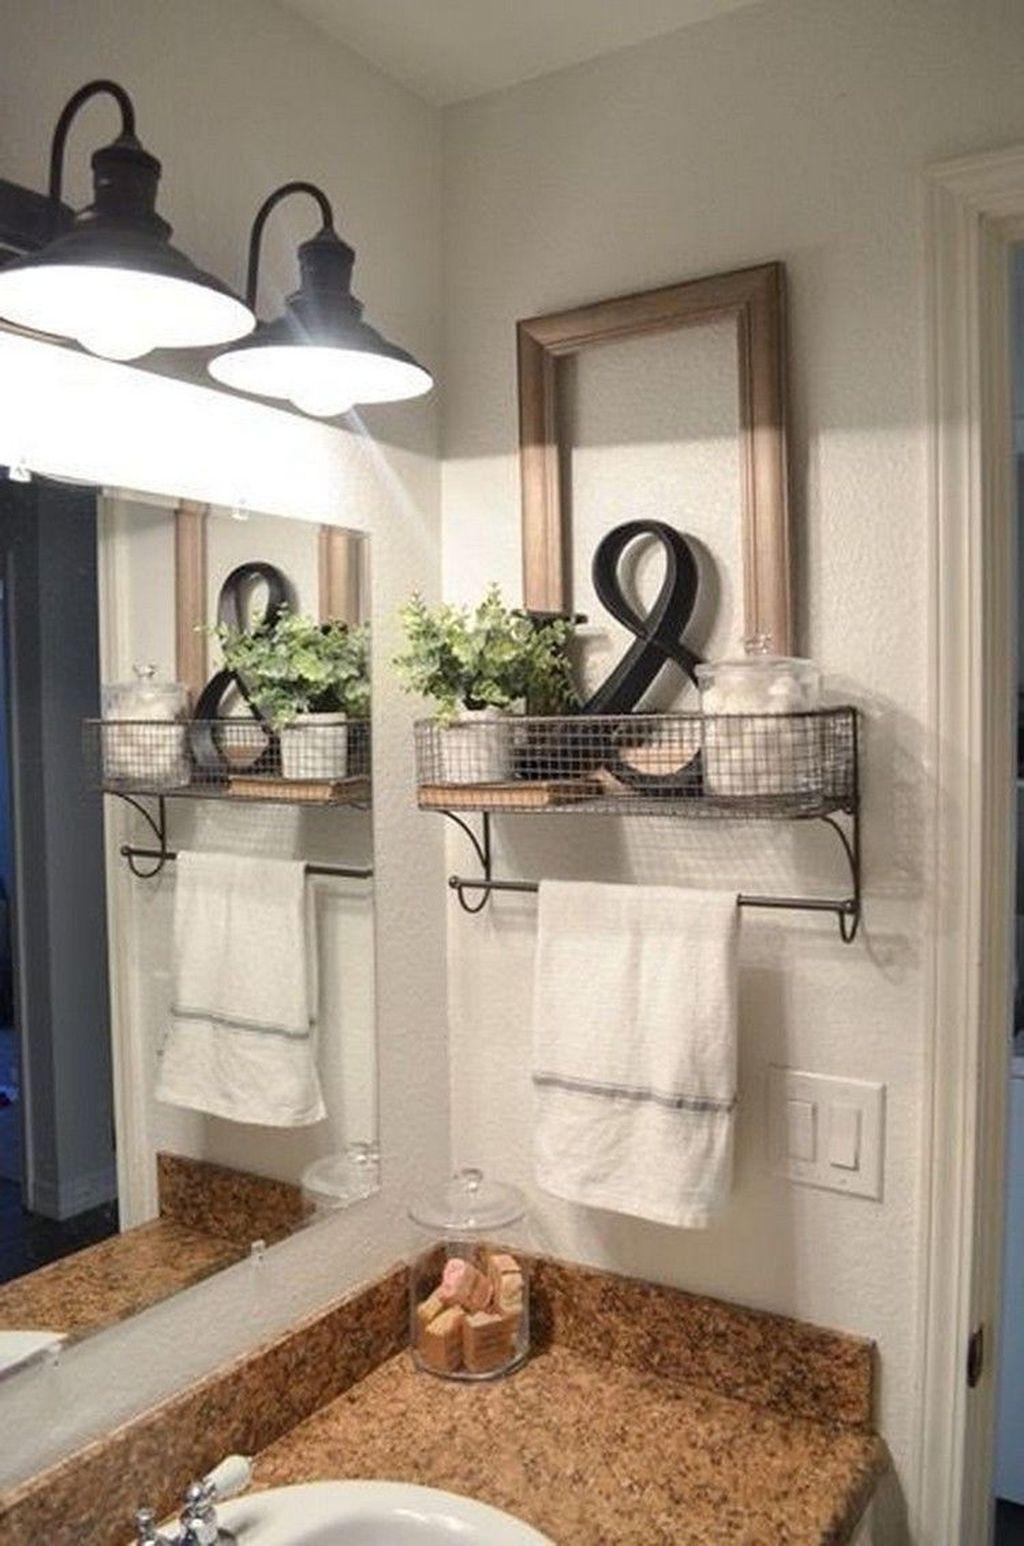 Lovely Relaxing Farmhouse Bathroom Decor Ideas 27